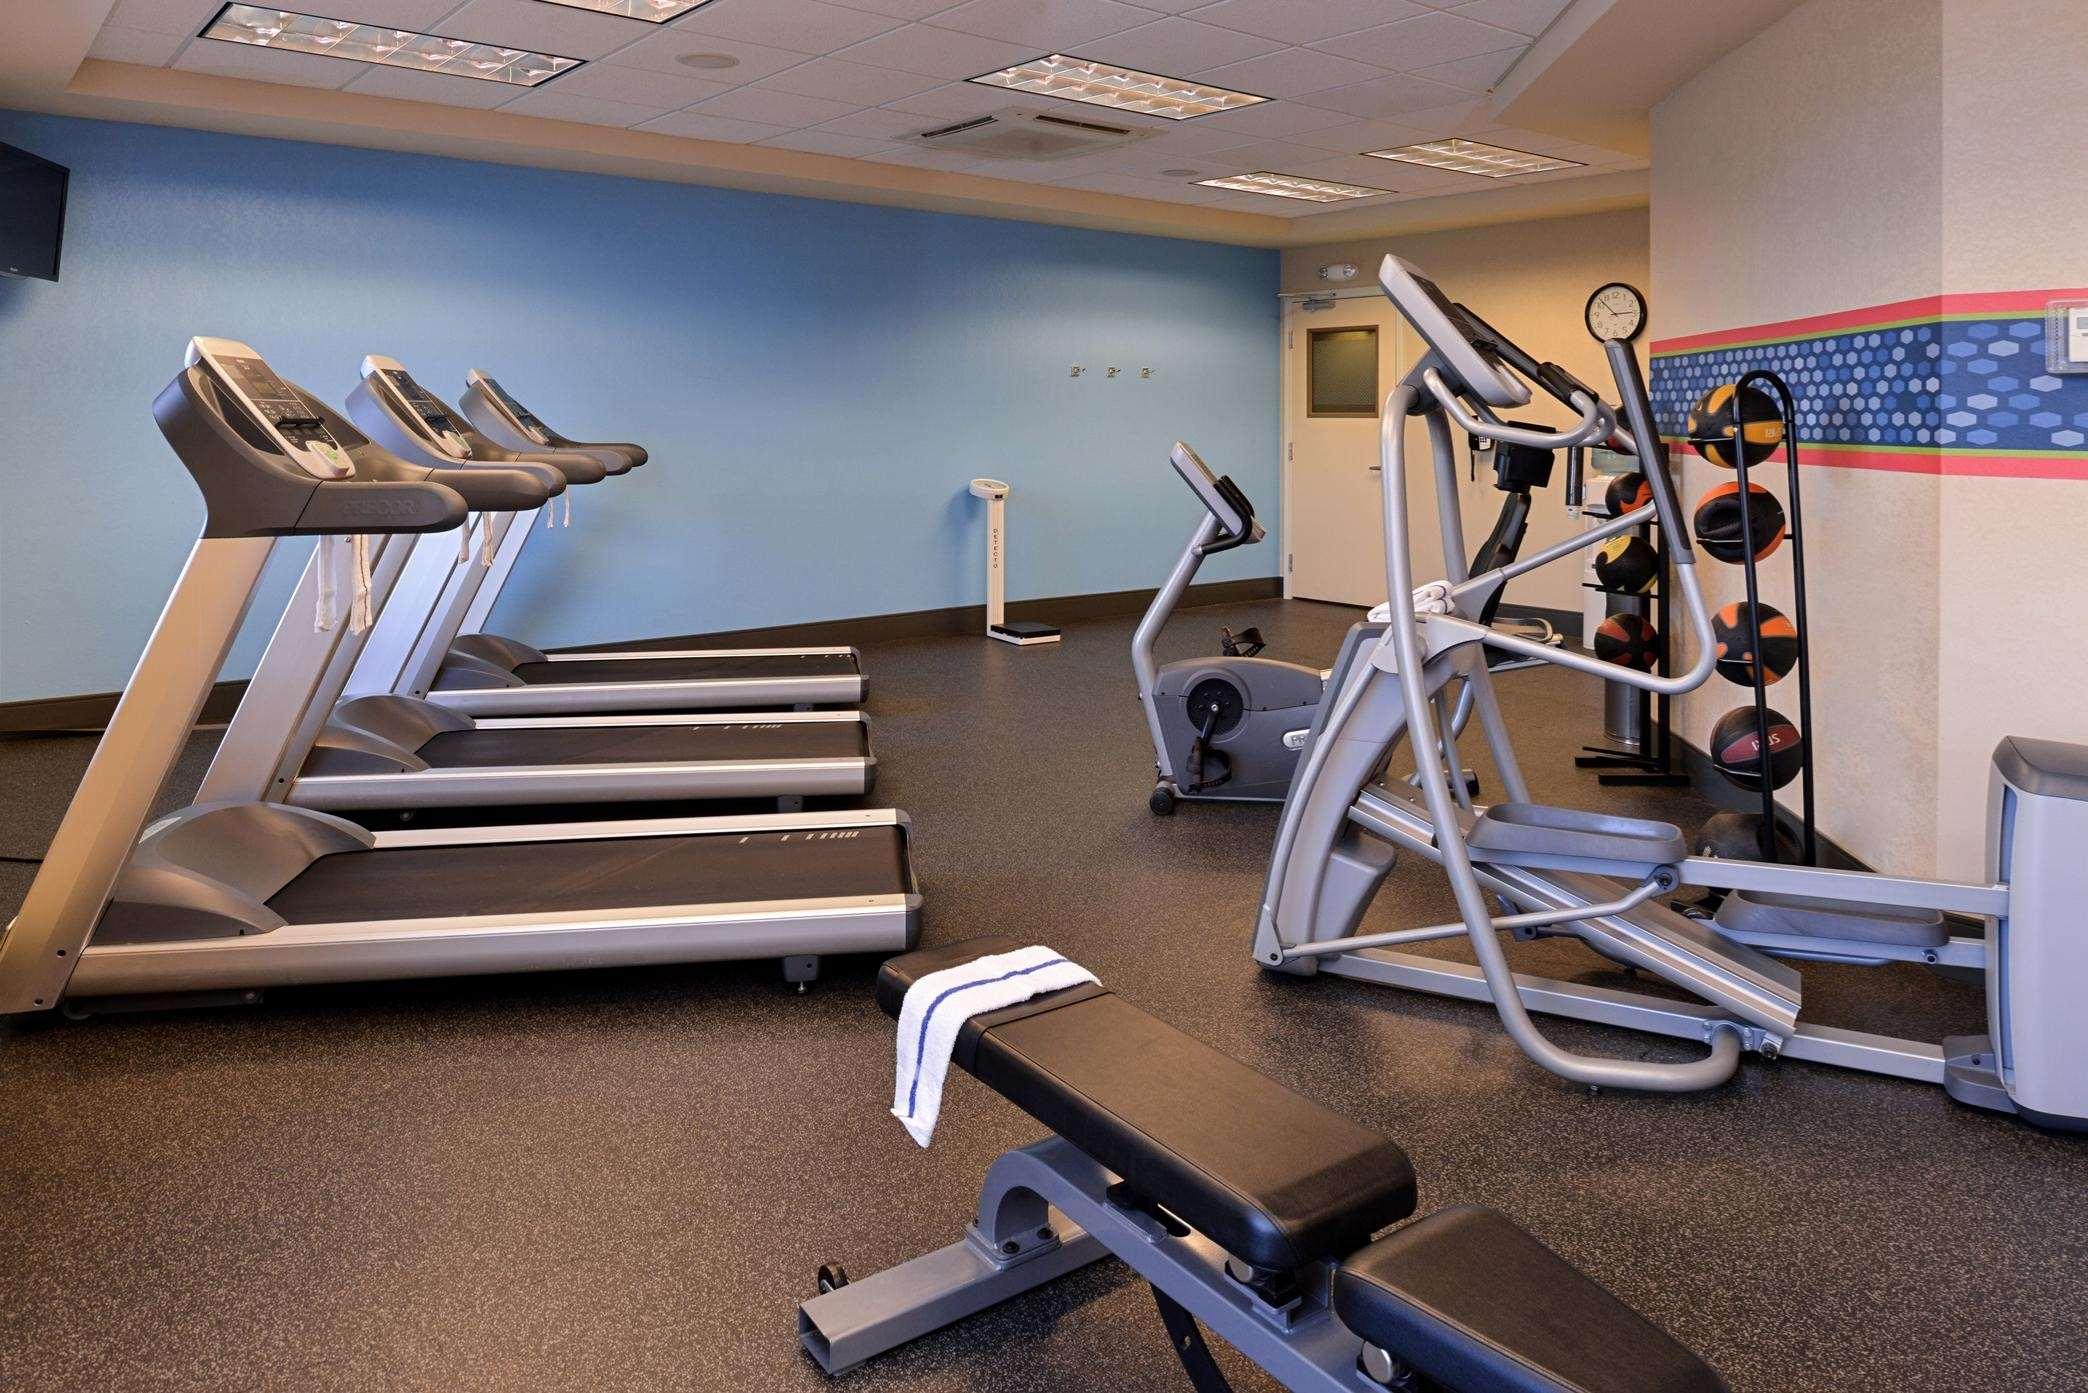 Hampton Inn & Suites Casper image 45